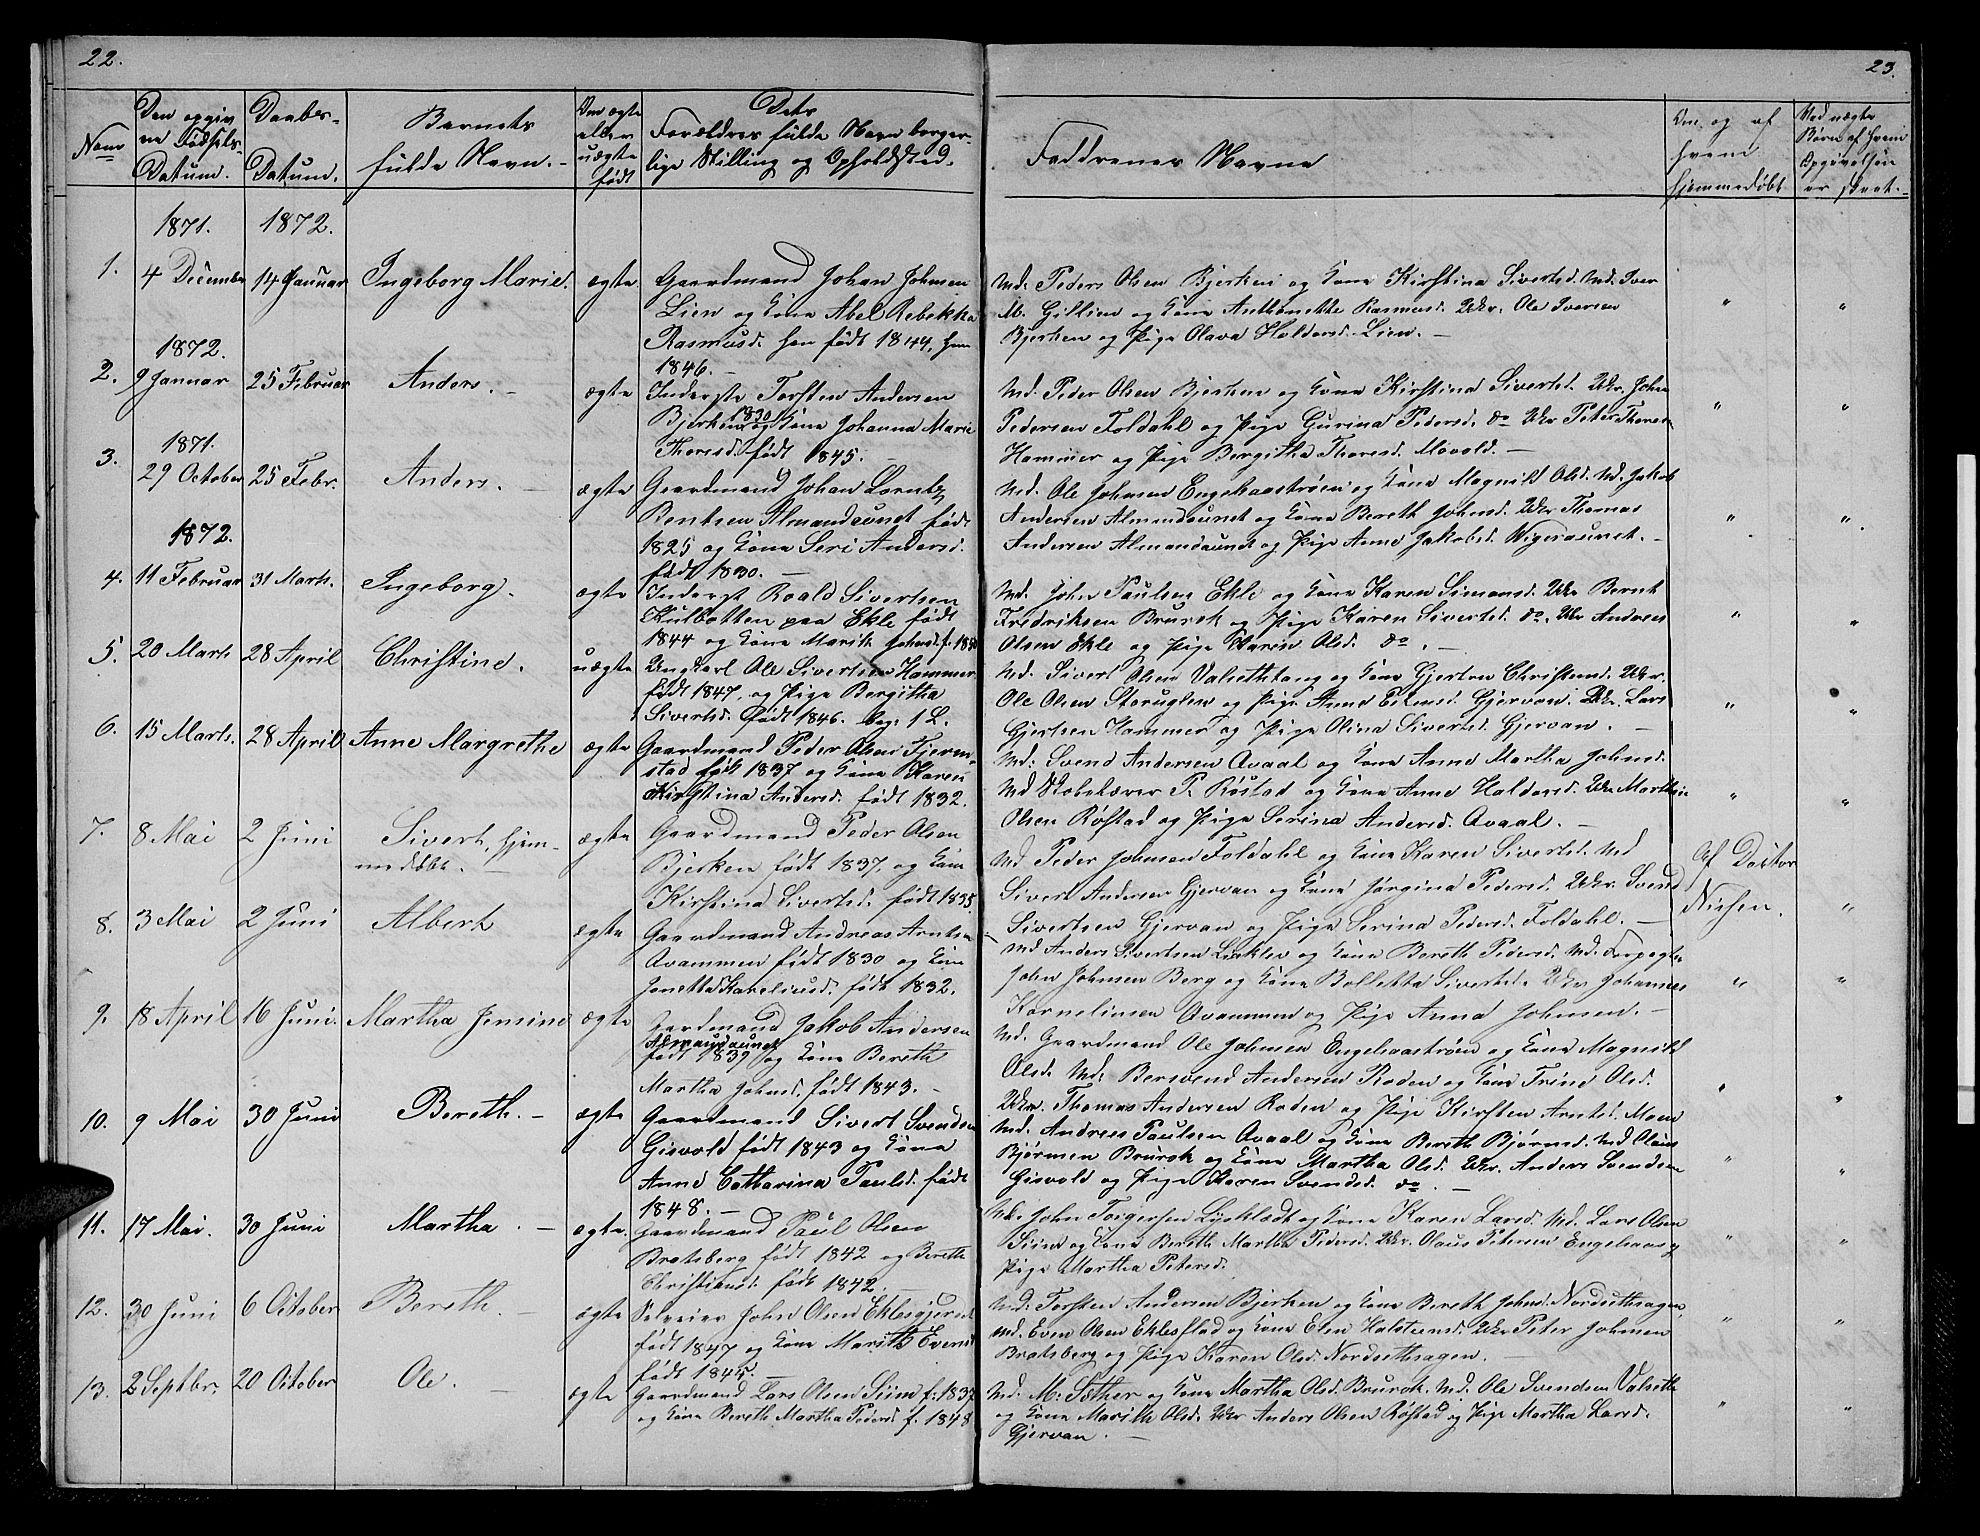 SAT, Ministerialprotokoller, klokkerbøker og fødselsregistre - Sør-Trøndelag, 608/L0340: Klokkerbok nr. 608C06, 1864-1889, s. 22-23